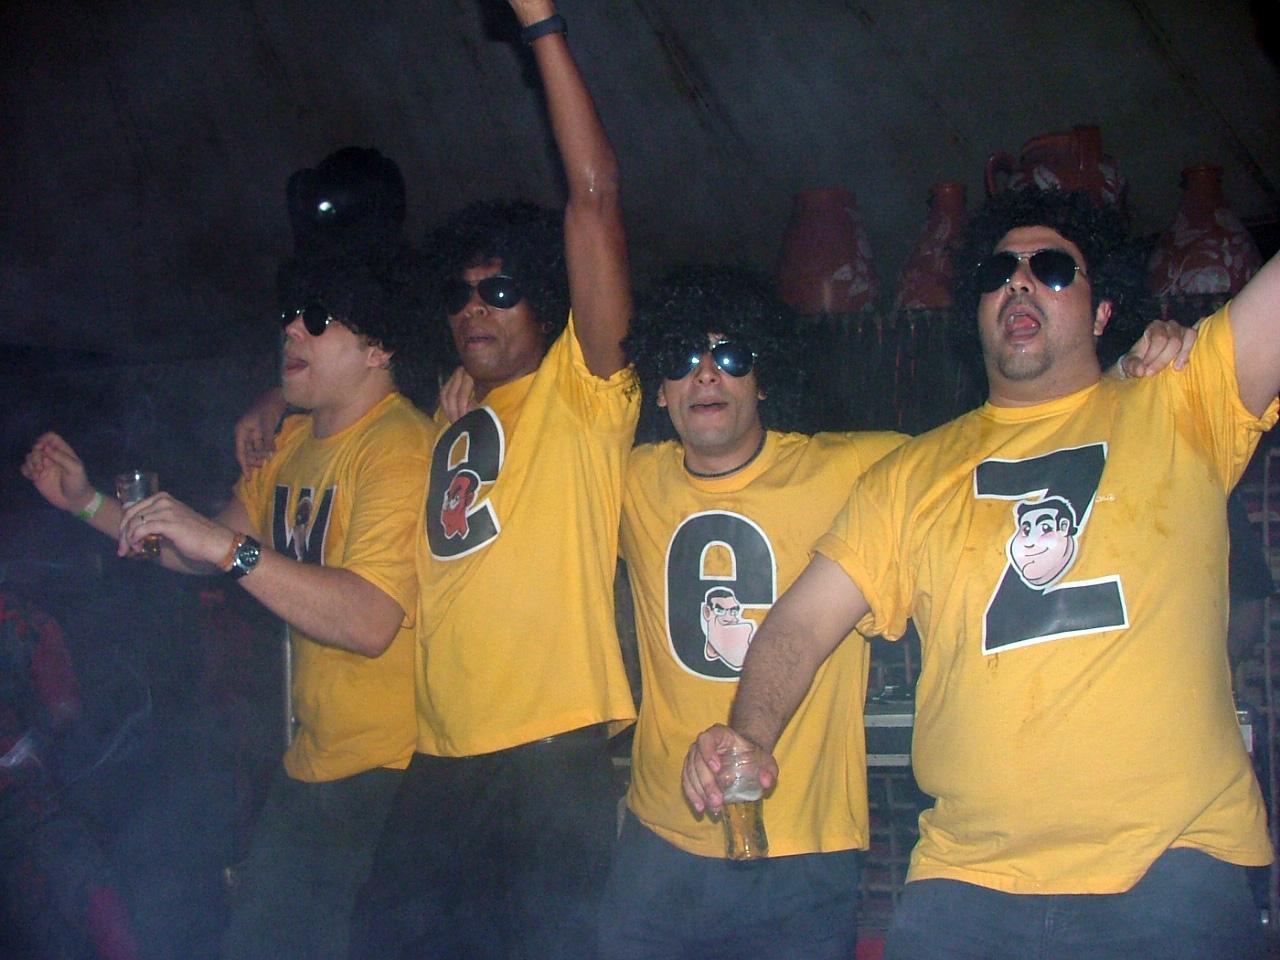 Da esquerda para a direita: Germano Bona, Anderson Almeida, Saint Clair Lôbo e Patrício Muñoz. Uma prova de que a cerveja veio antes das mídias sociais. Vamos valorizar as amizades!